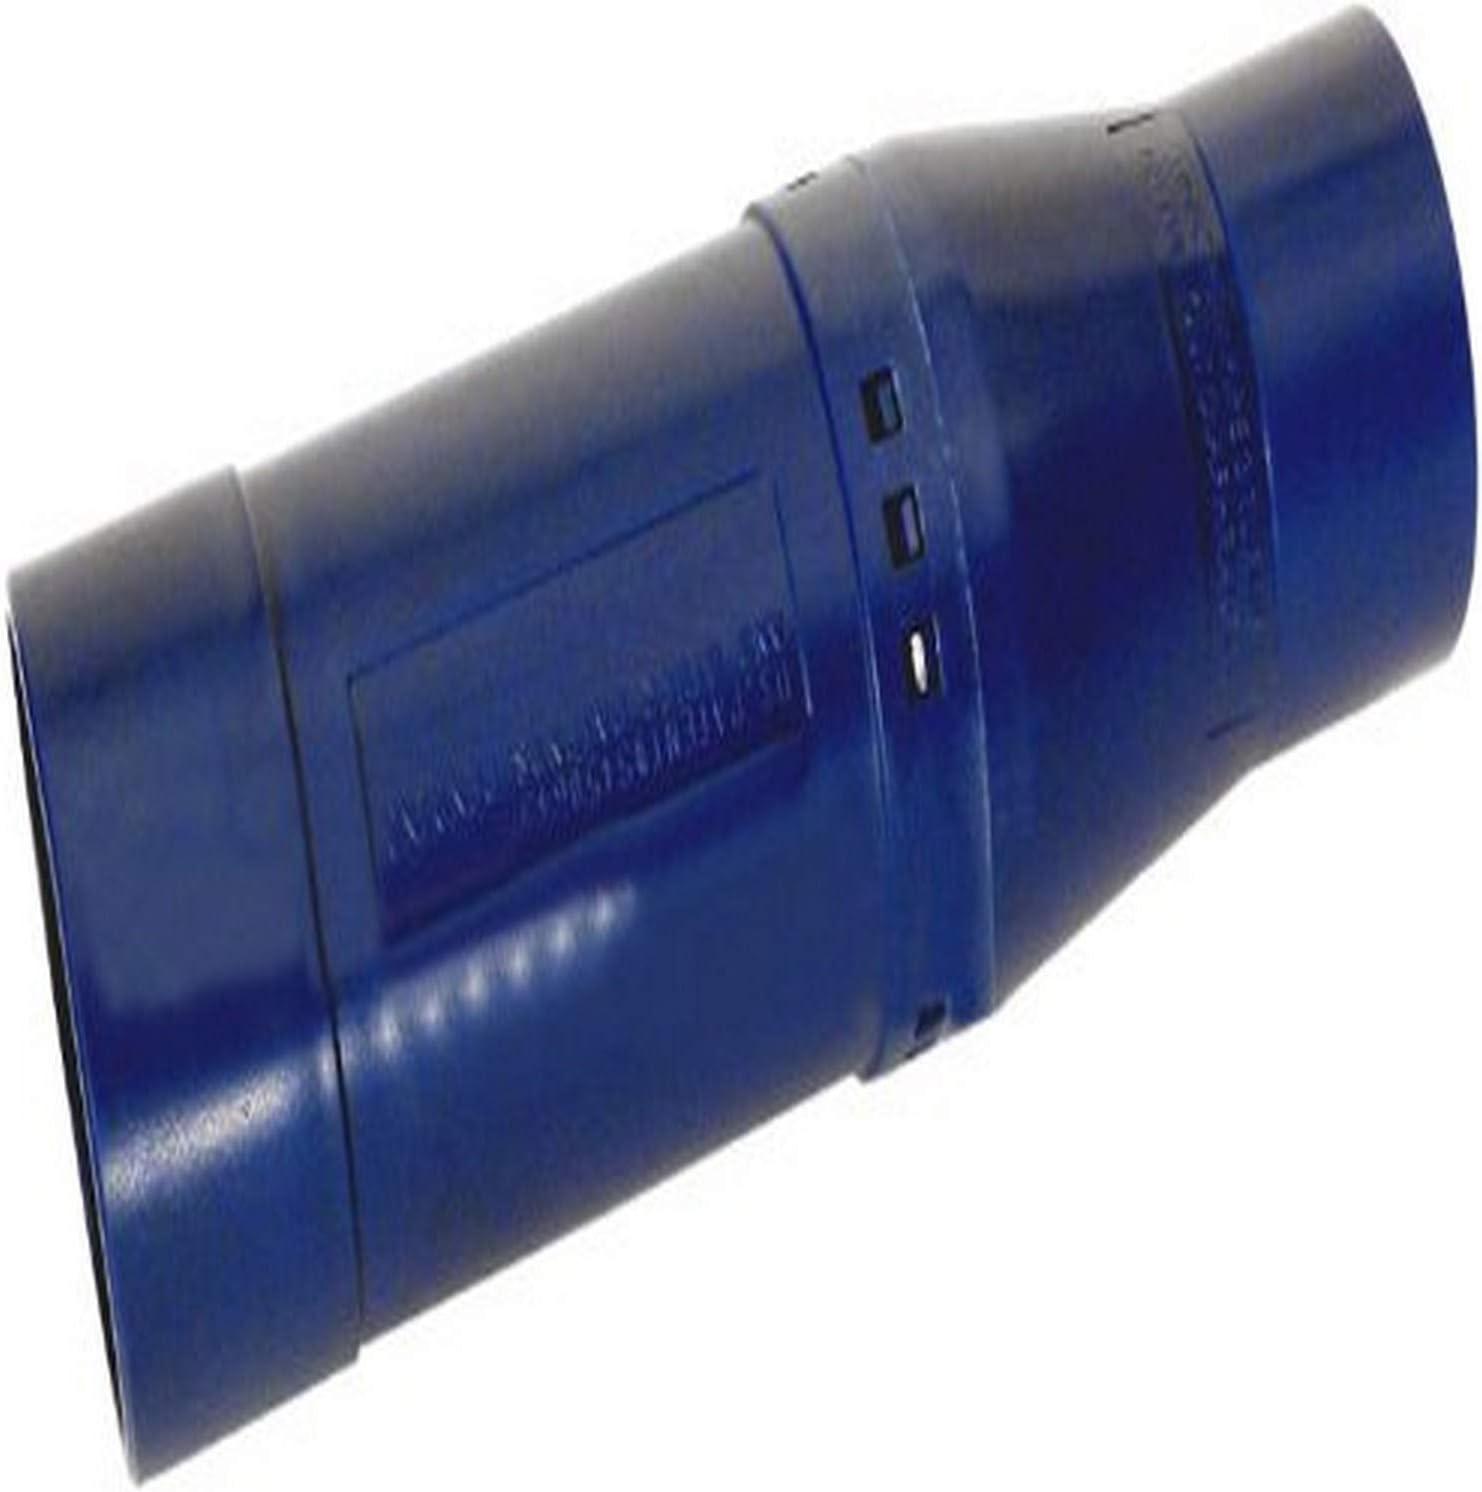 Zodiac W70345Cámara Asamblea de Casete con Anillo de compresión de Repuesto Baracuda G3Pool Cleaner